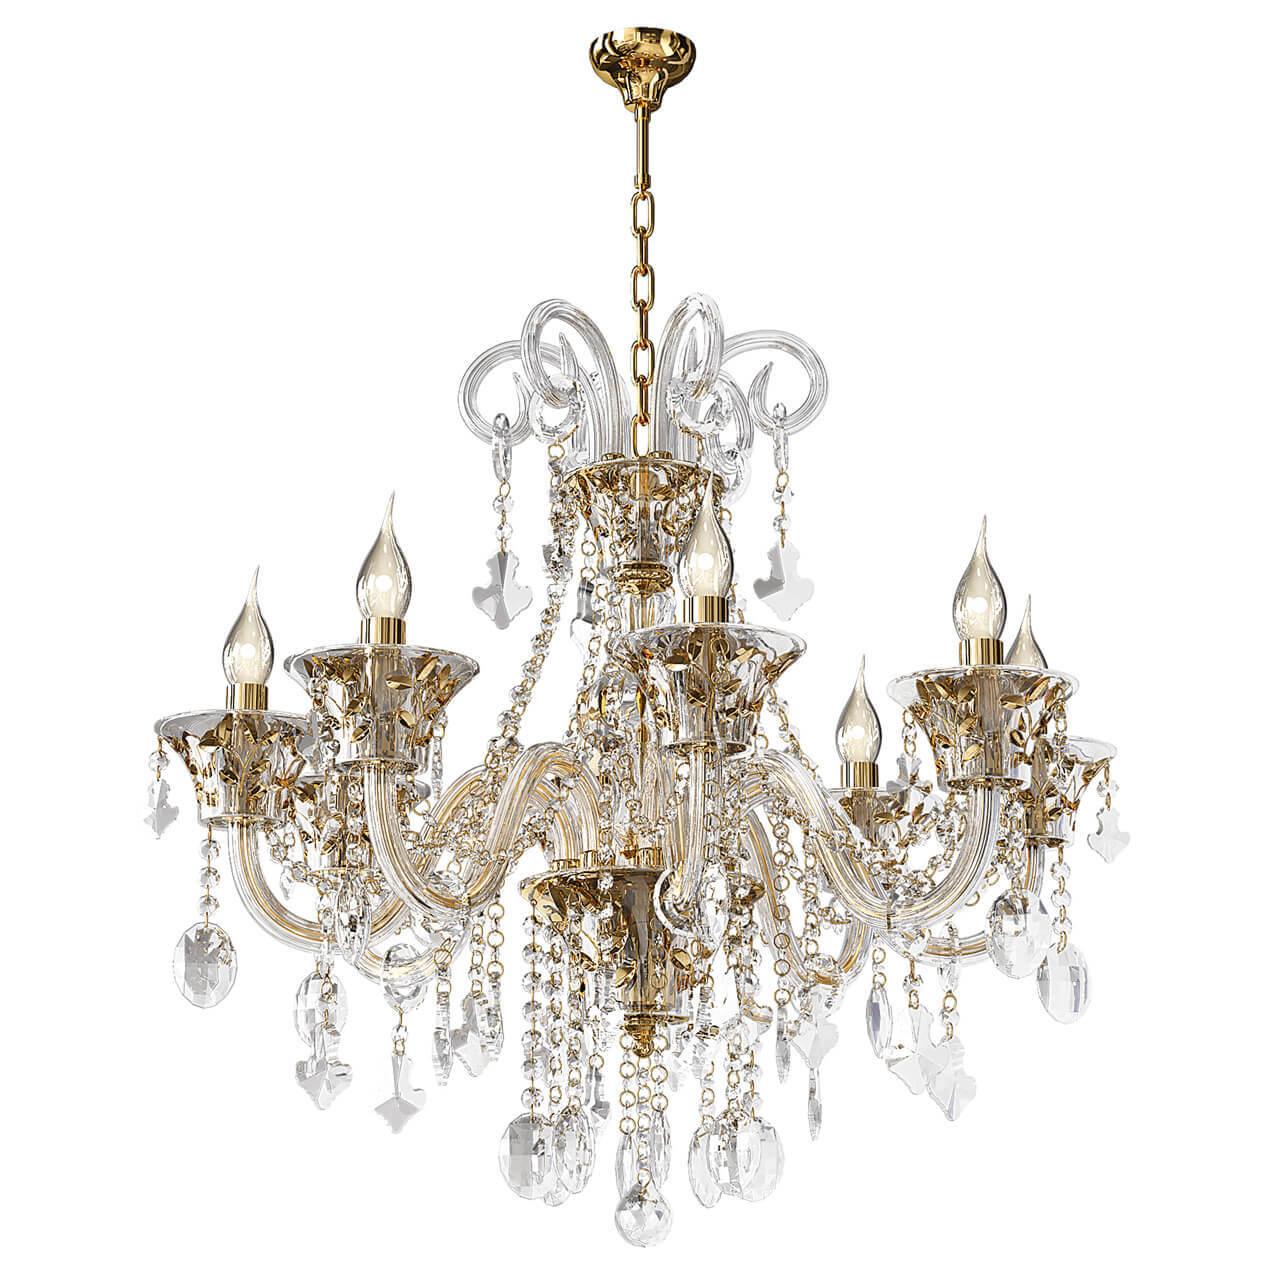 Подвесная люстра Osgona Tesoro 710082 osgona настольная лампа декоративная osgona tesoro 710952